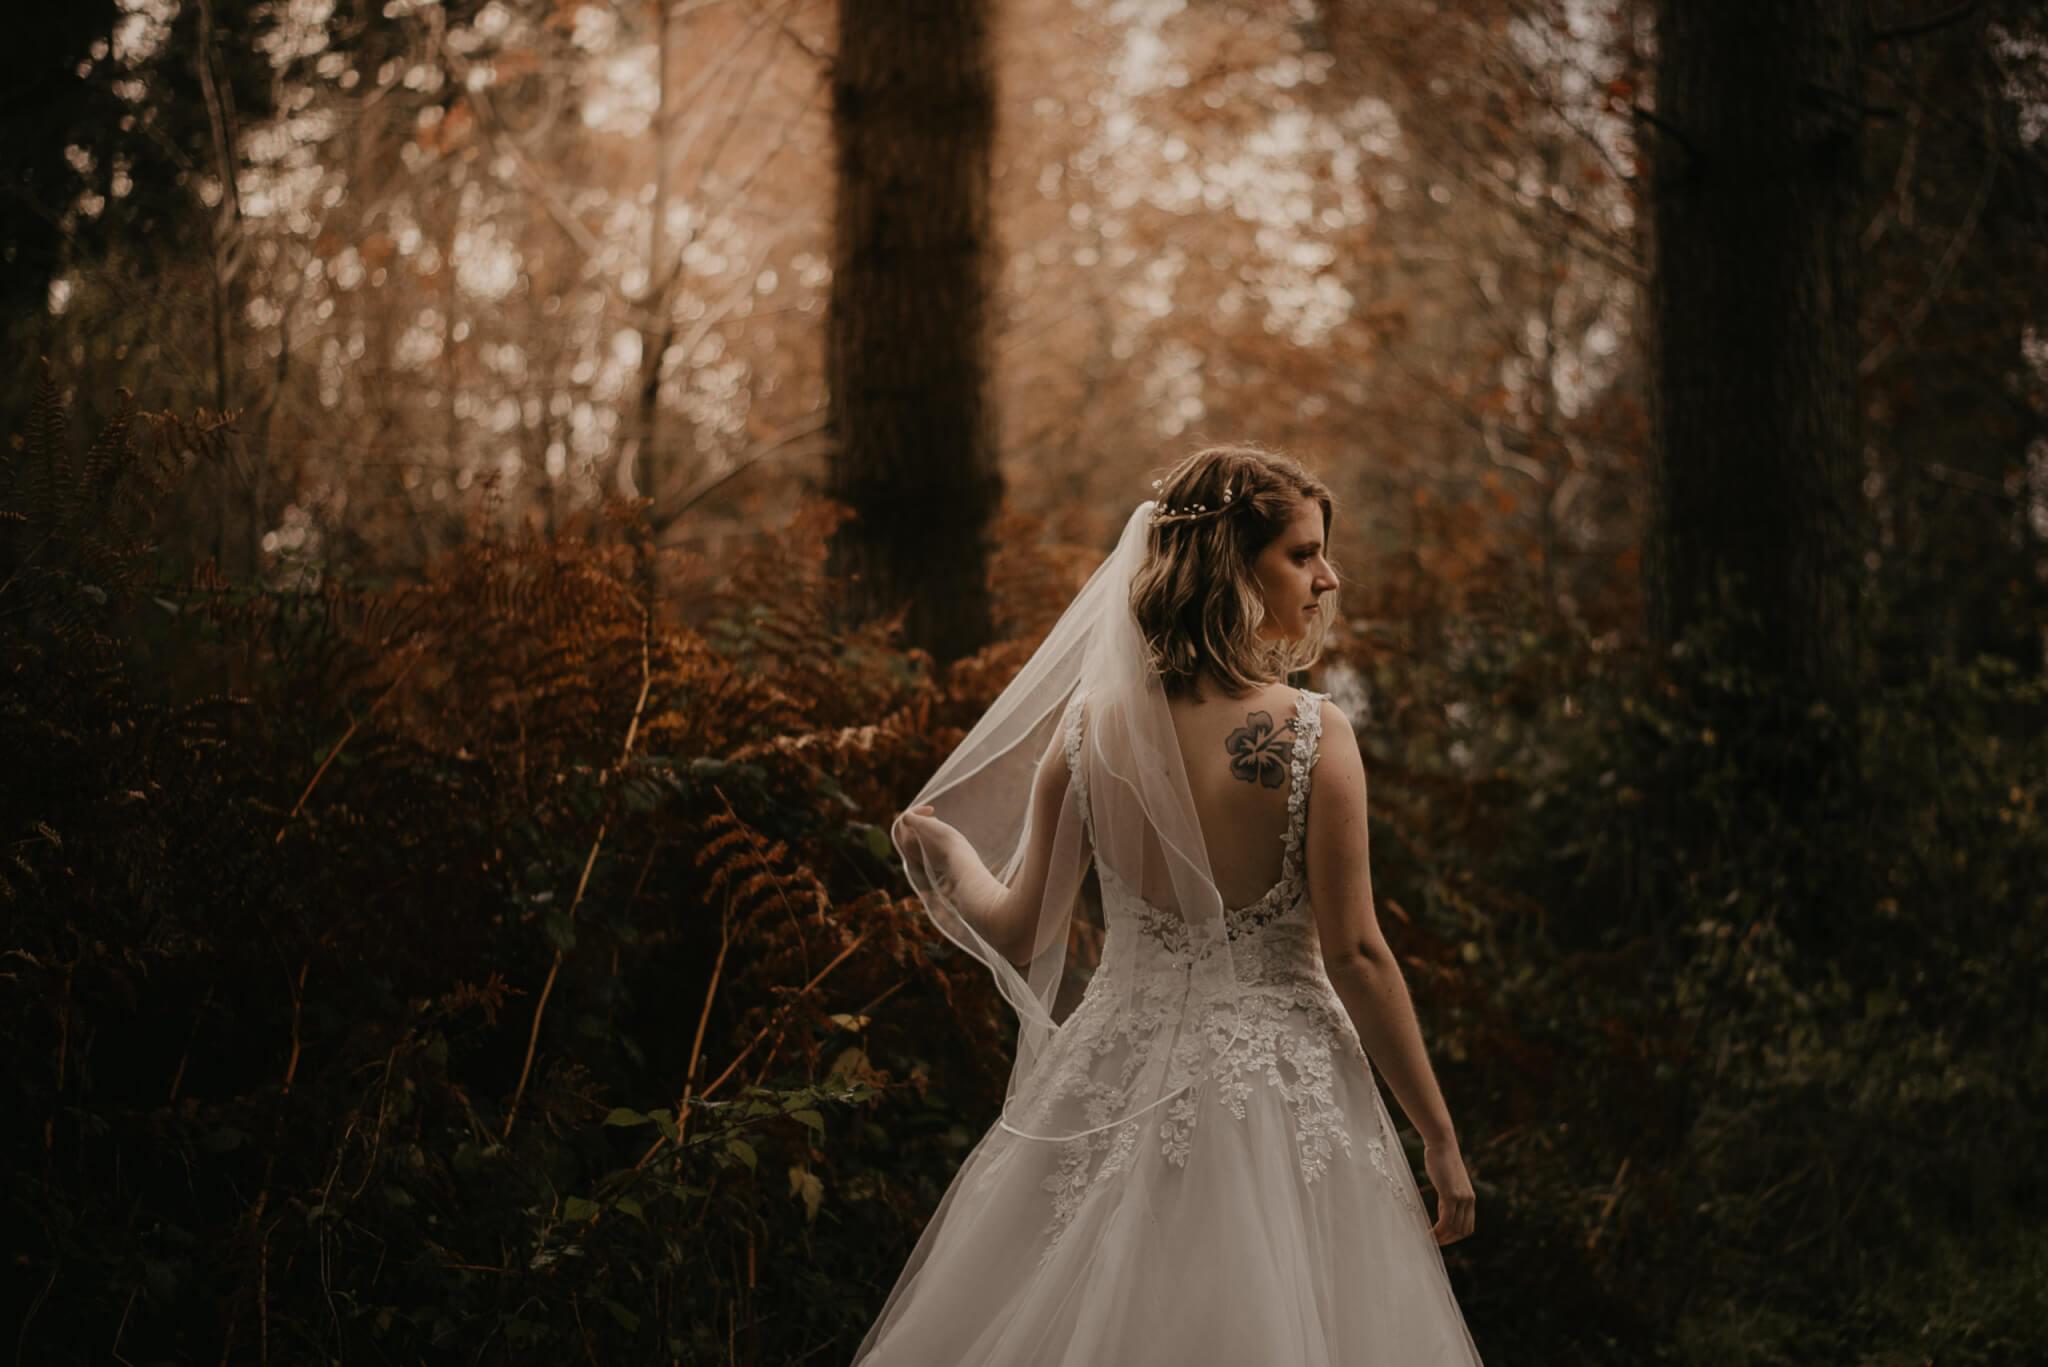 contact photographe de mariage et portrait en Normandie